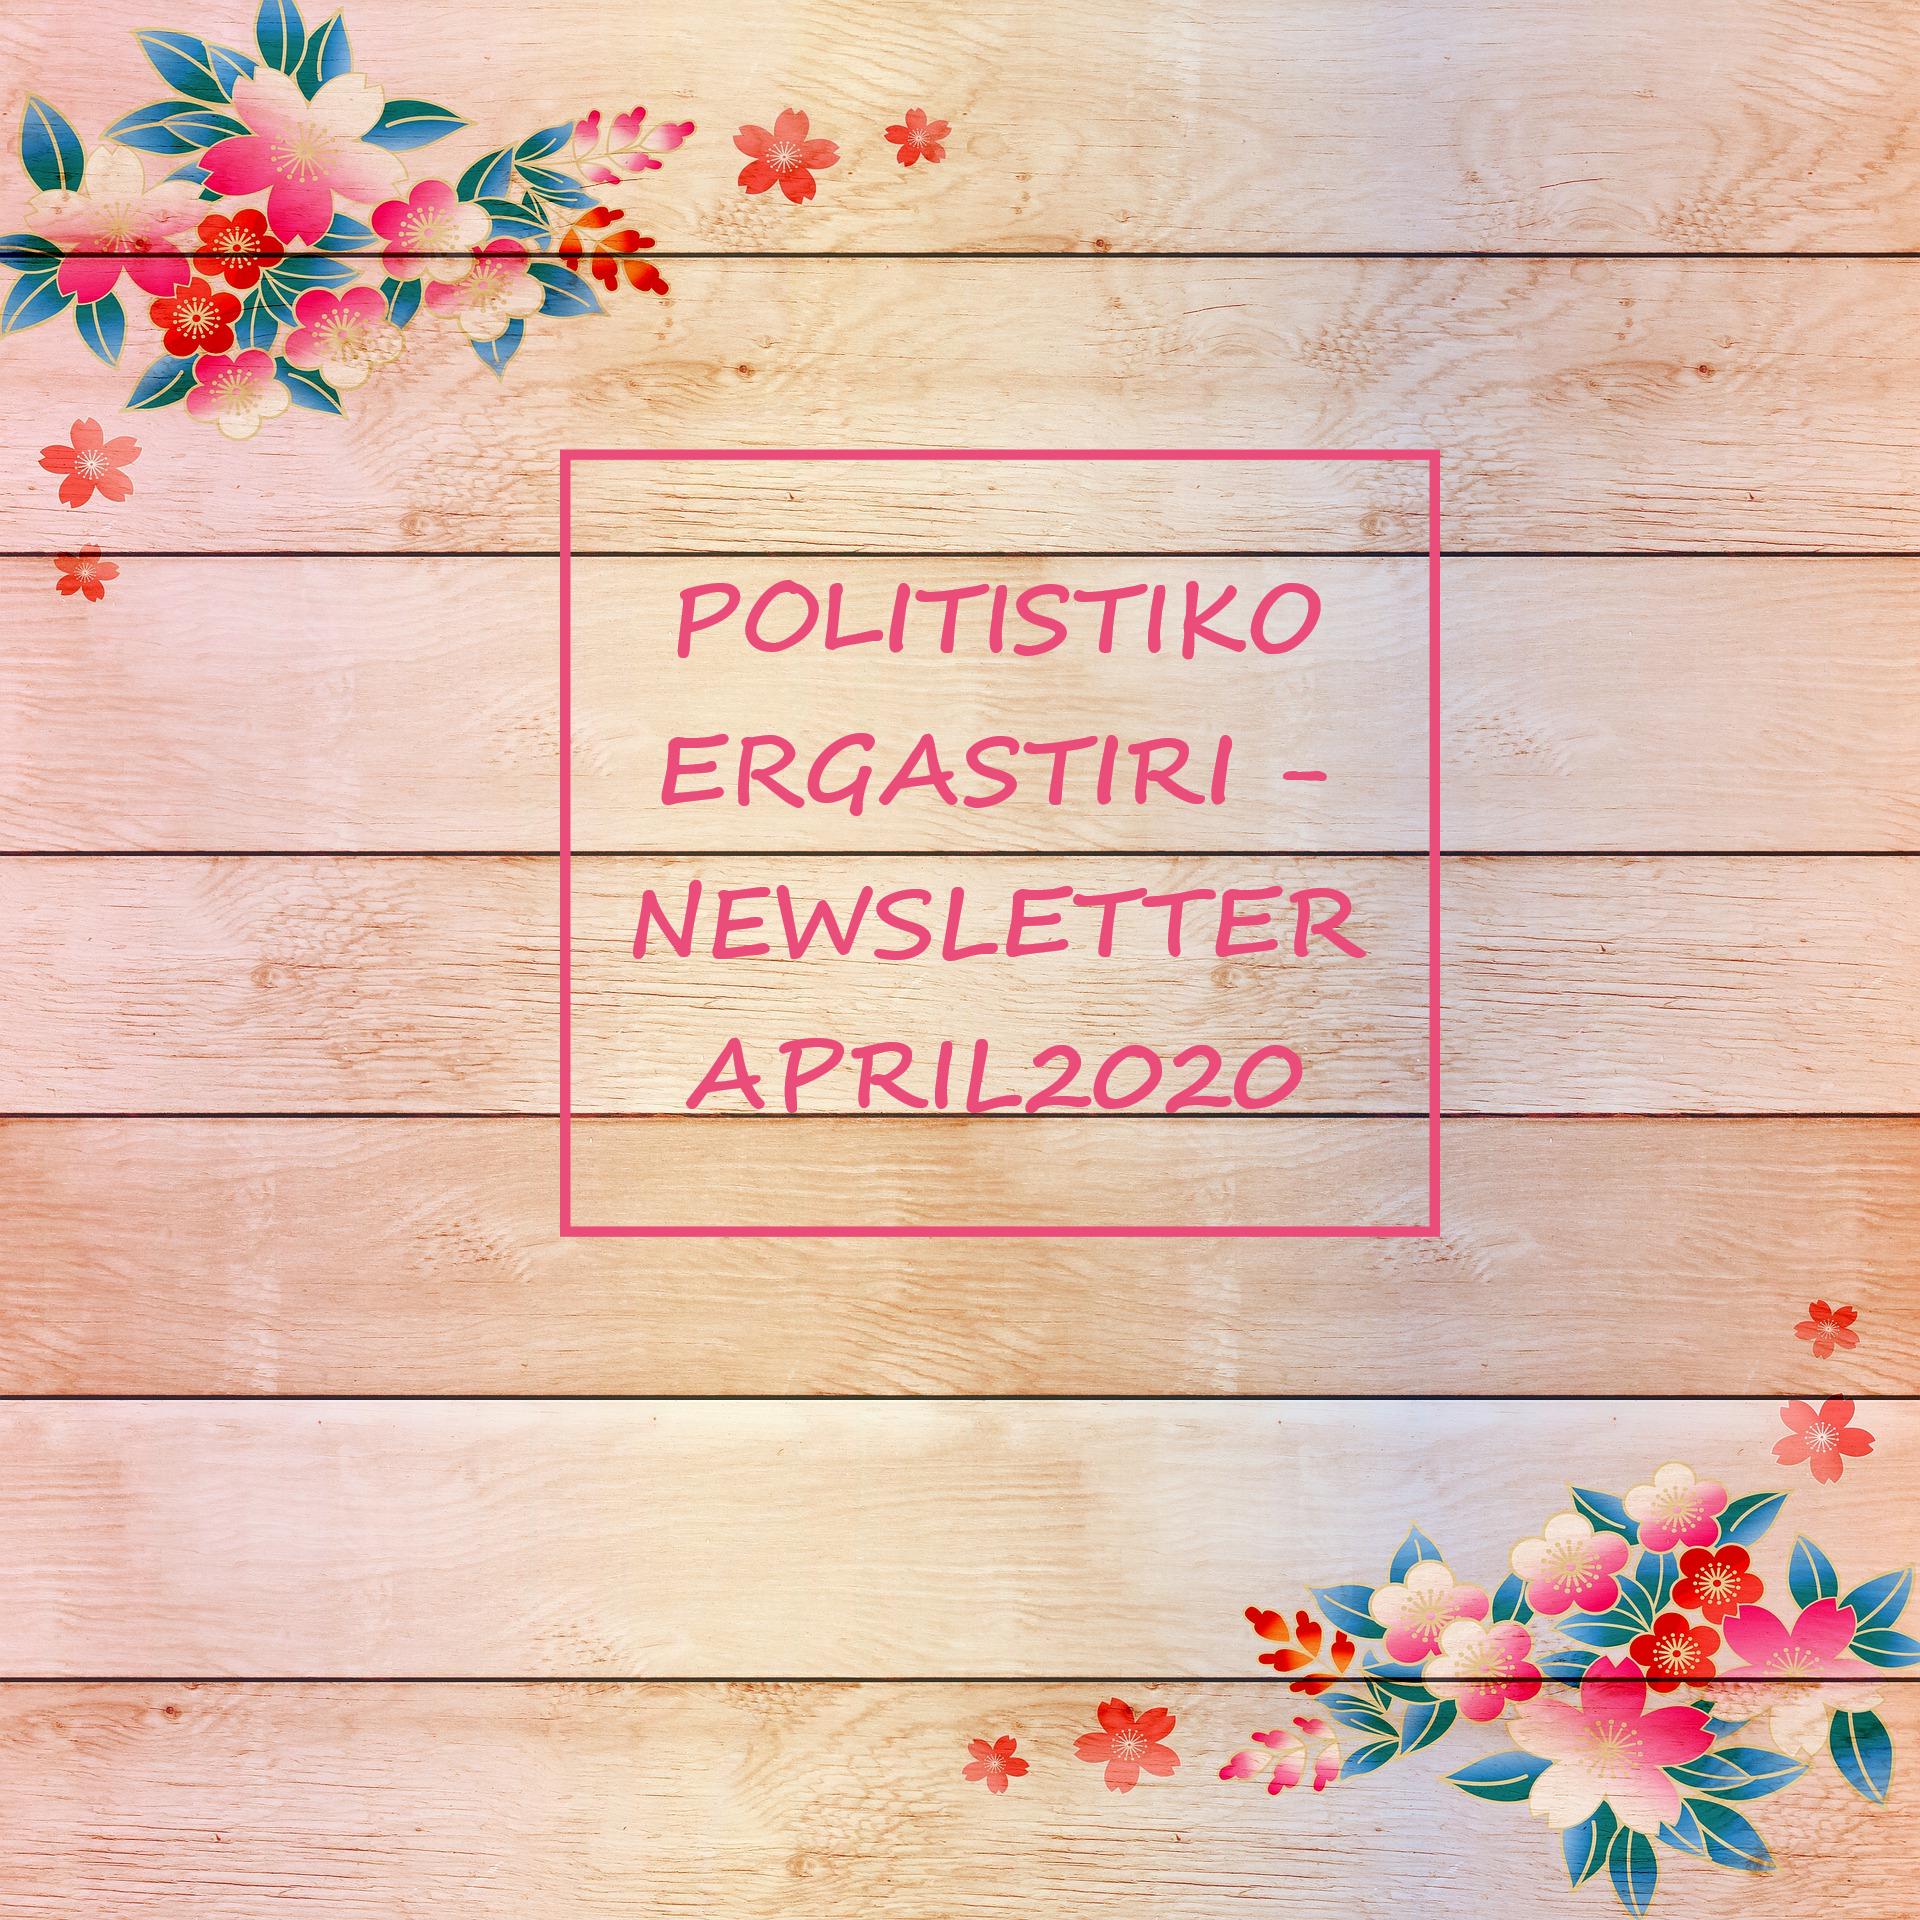 POLITISTIKO_ERGASTIRI_ NEWSLETTER_APRIL 2020